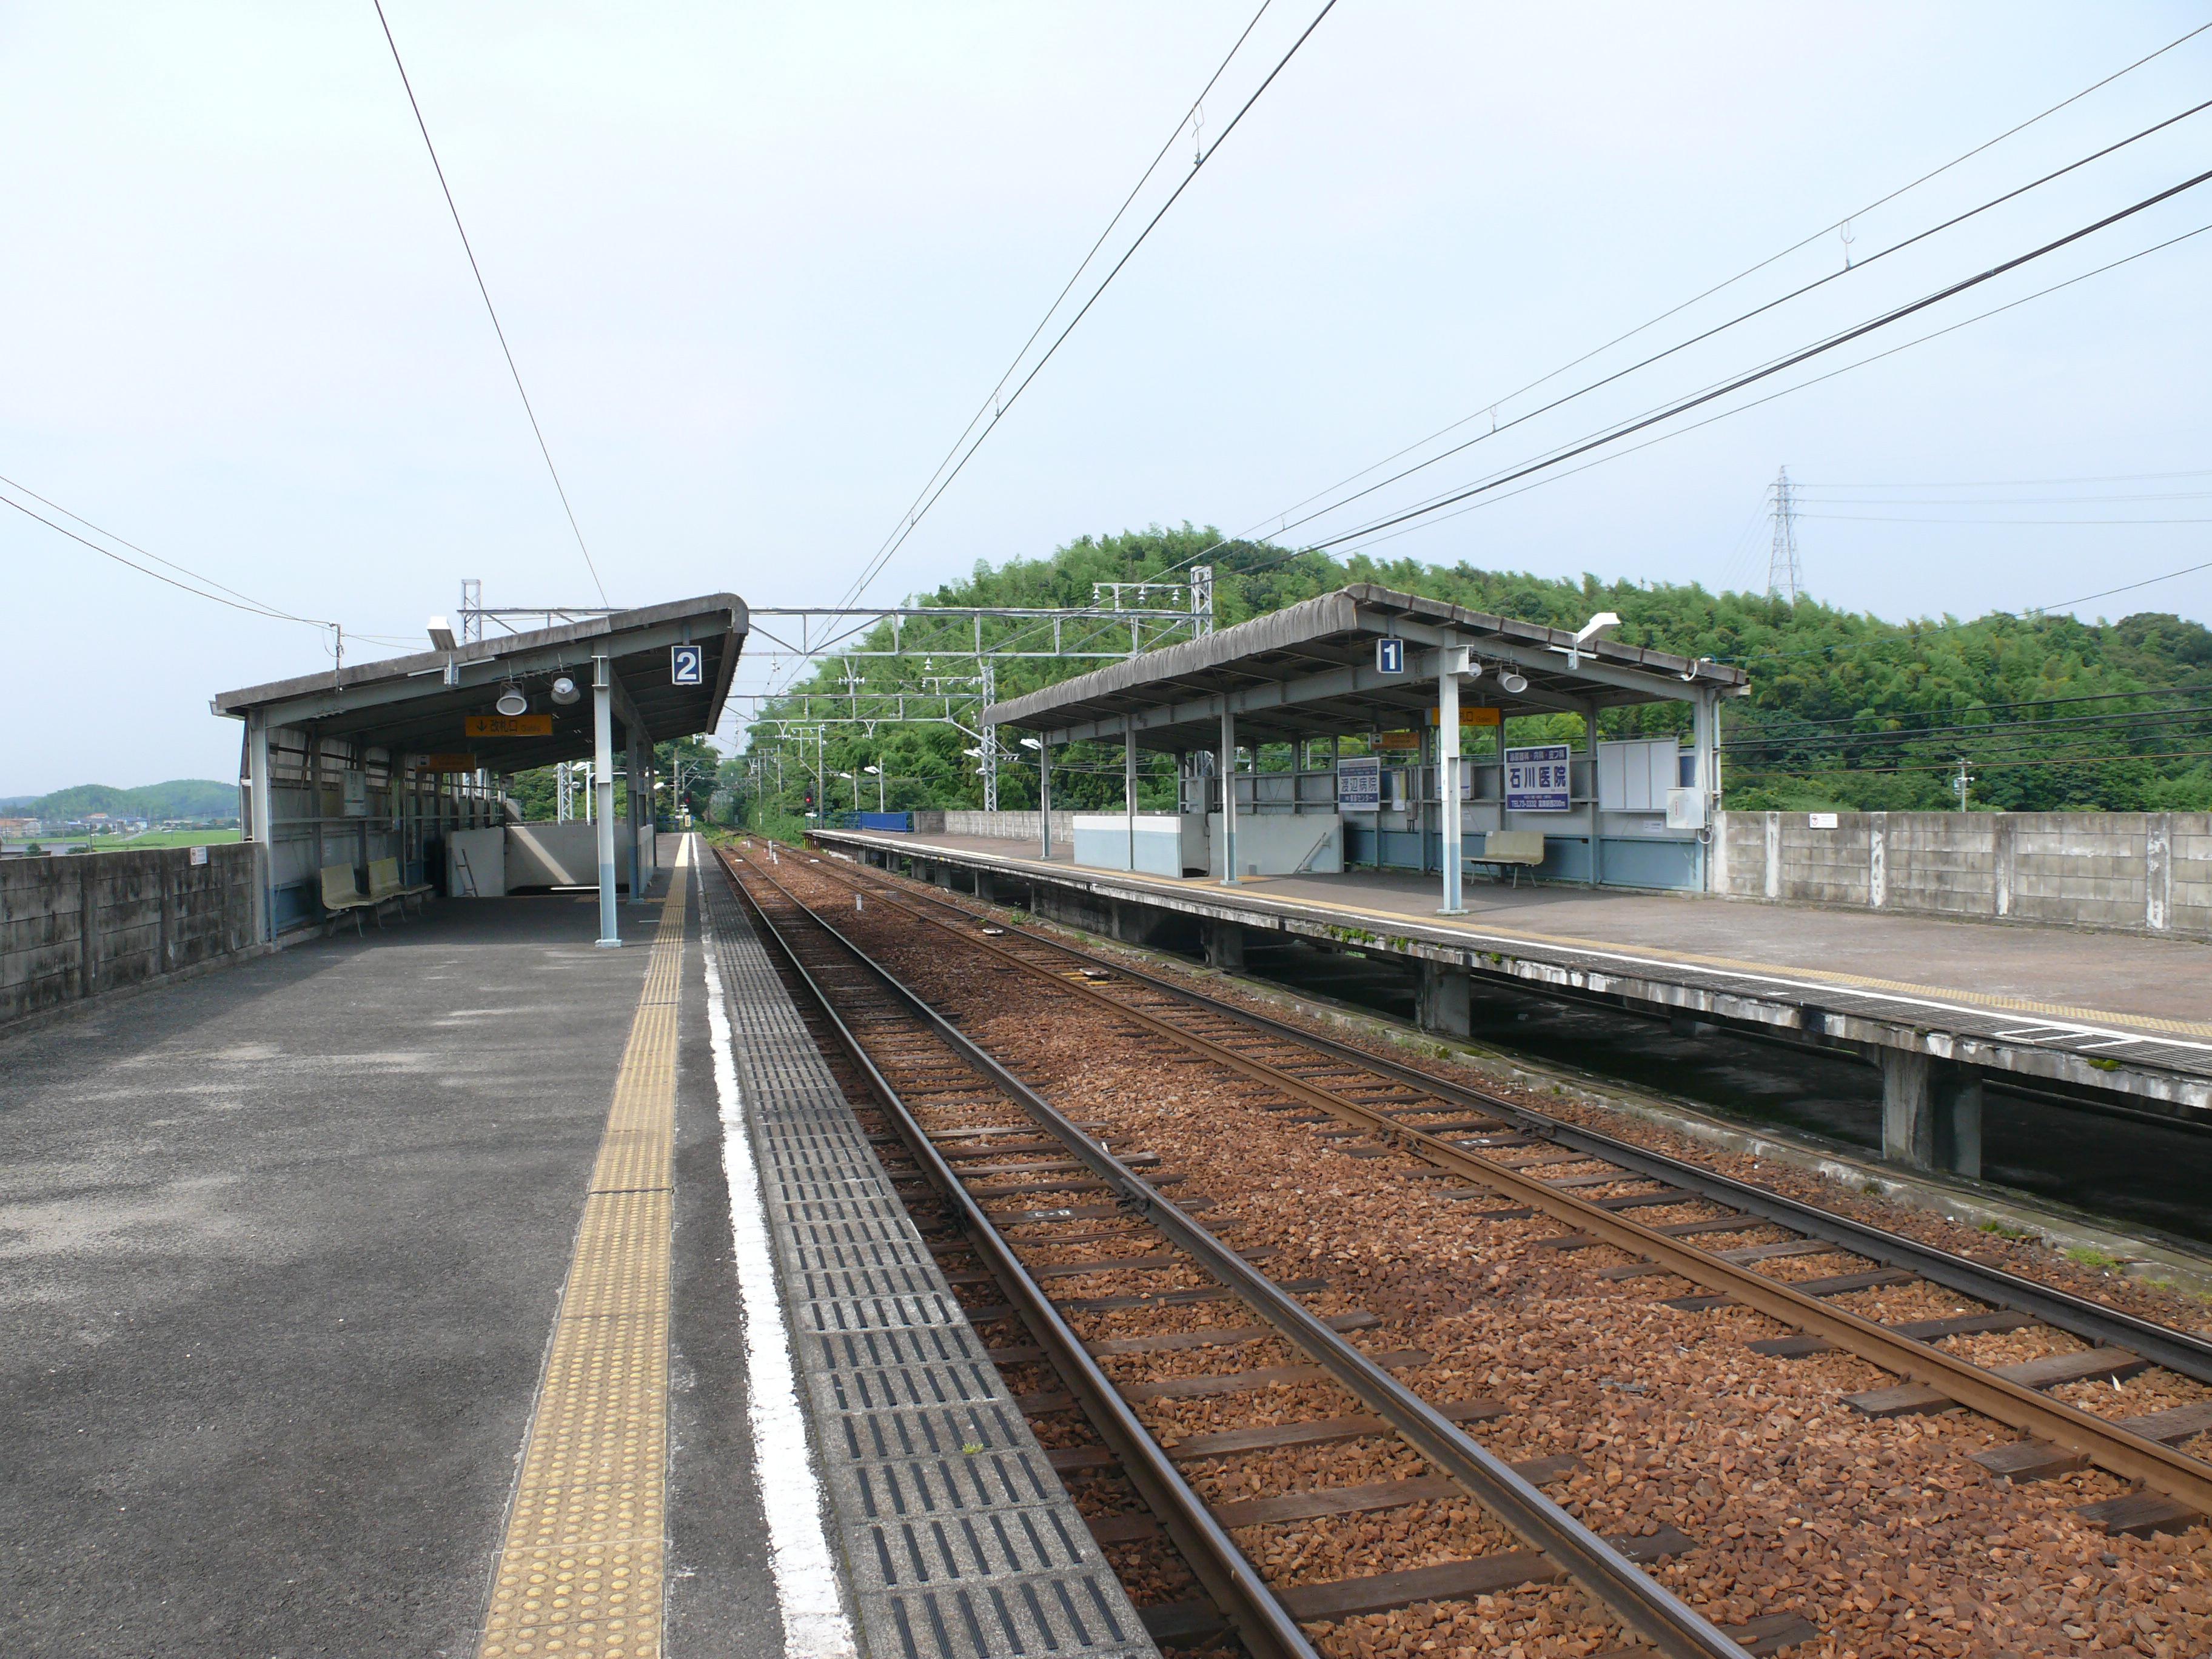 https://upload.wikimedia.org/wikipedia/commons/e/e4/Meitetsu_Noma_Station_09.JPG